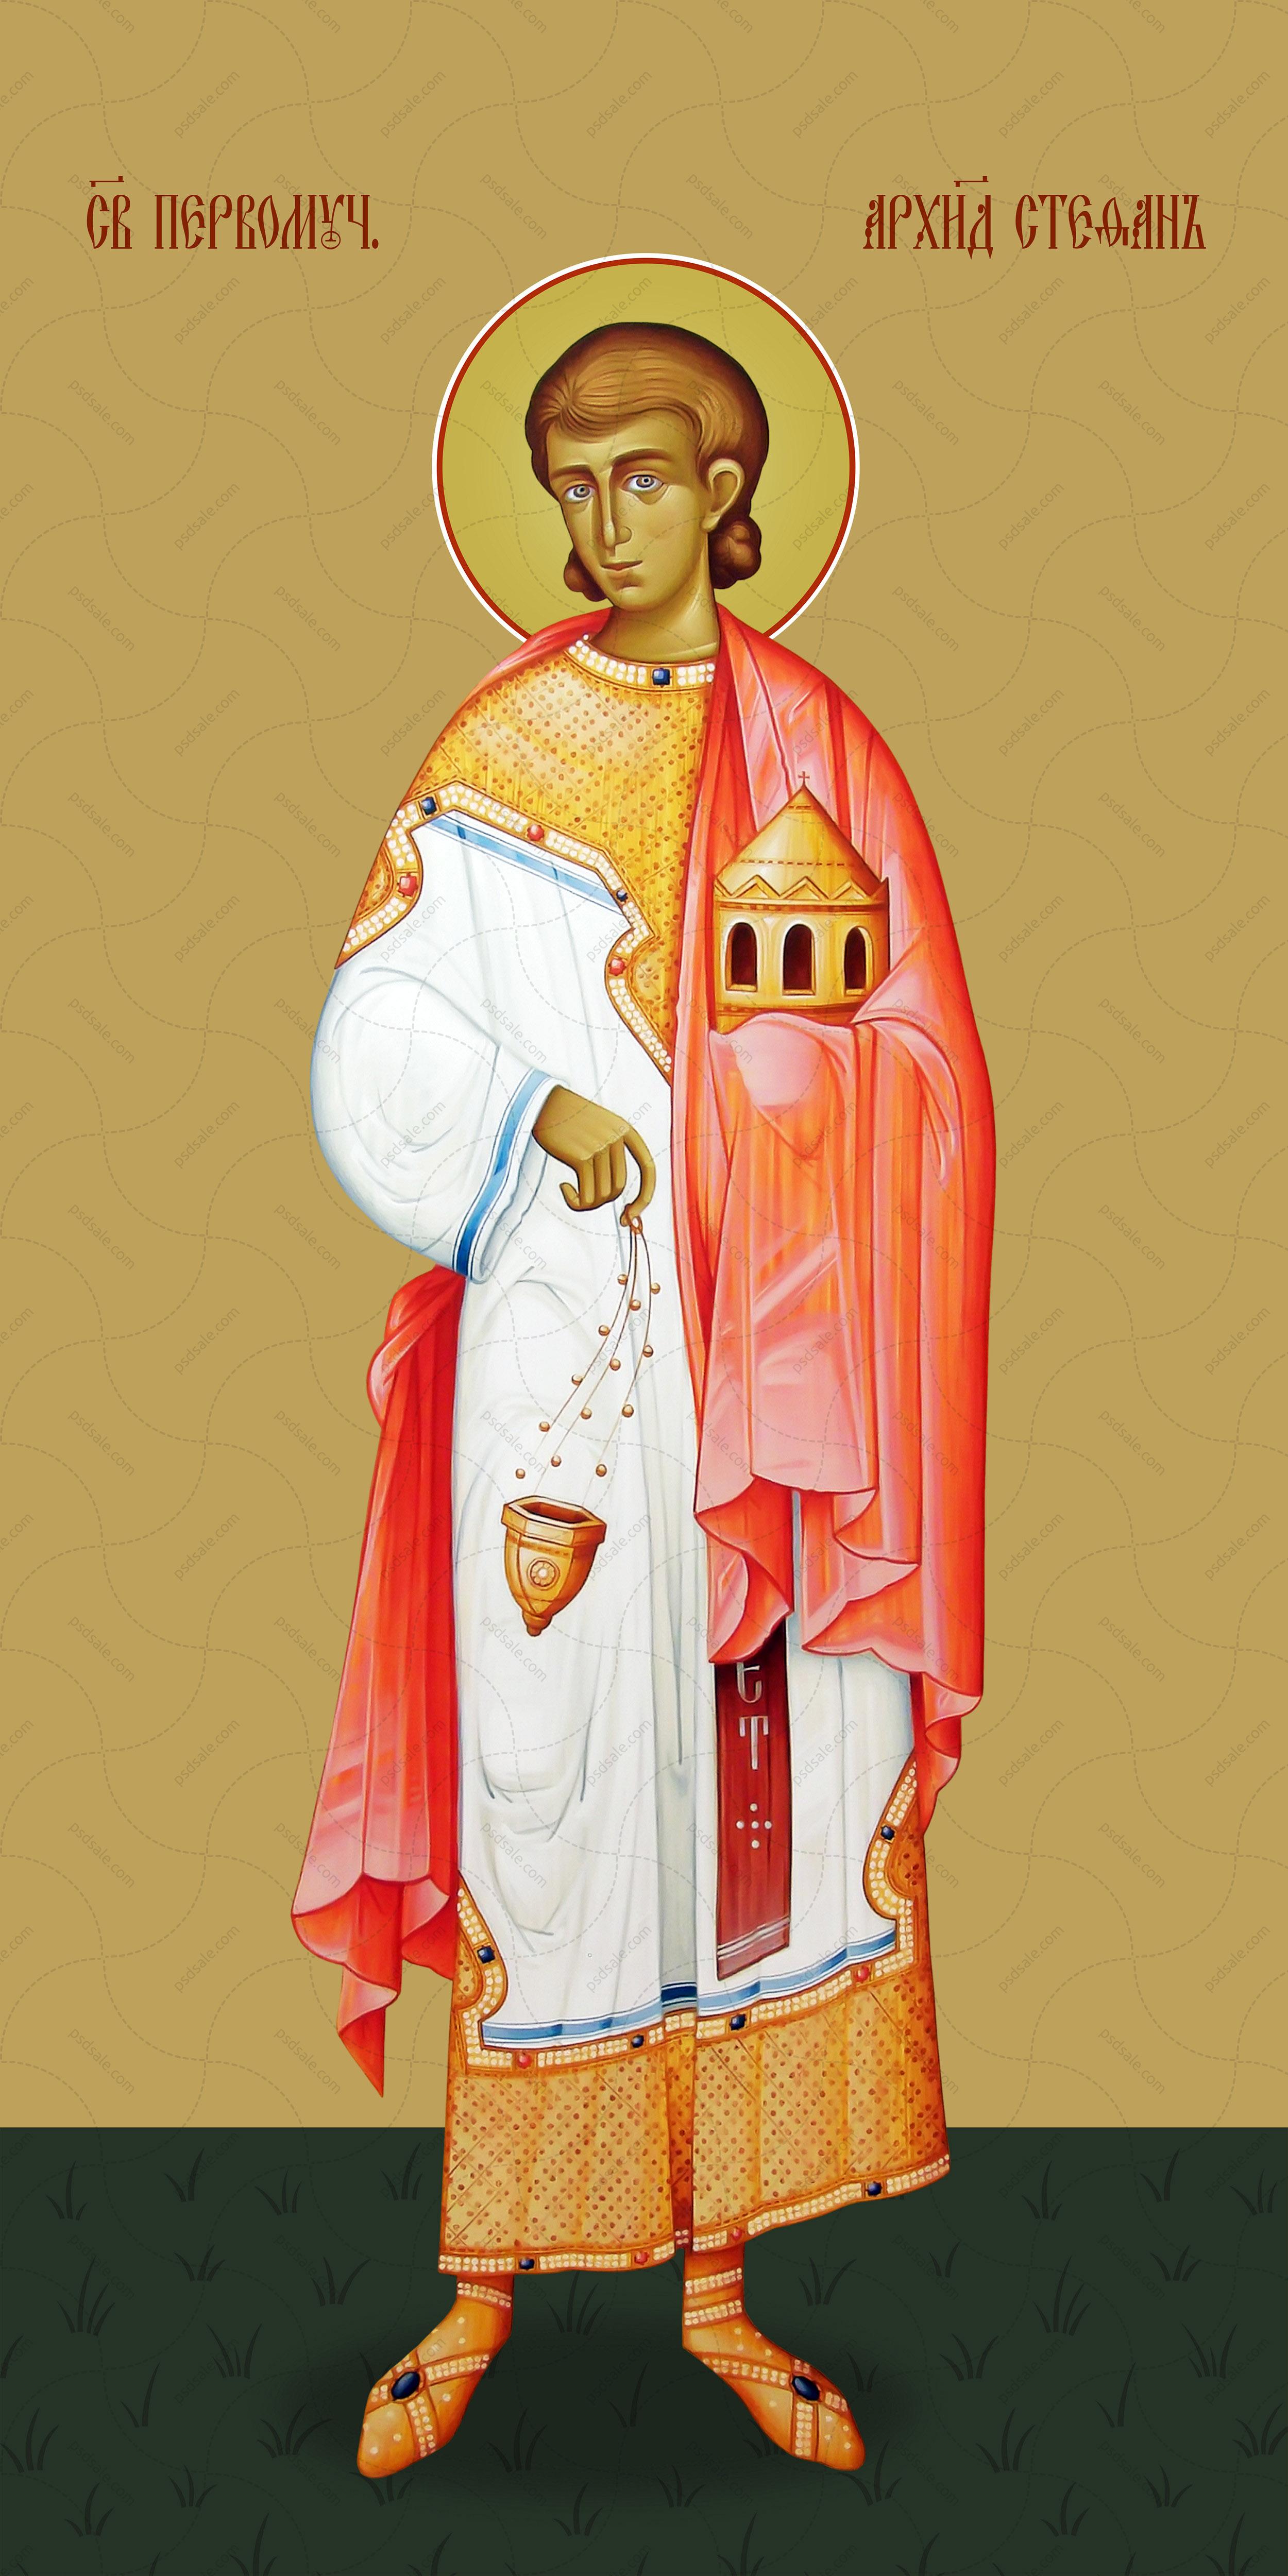 Мерная икона, Стефан, святой архидякон